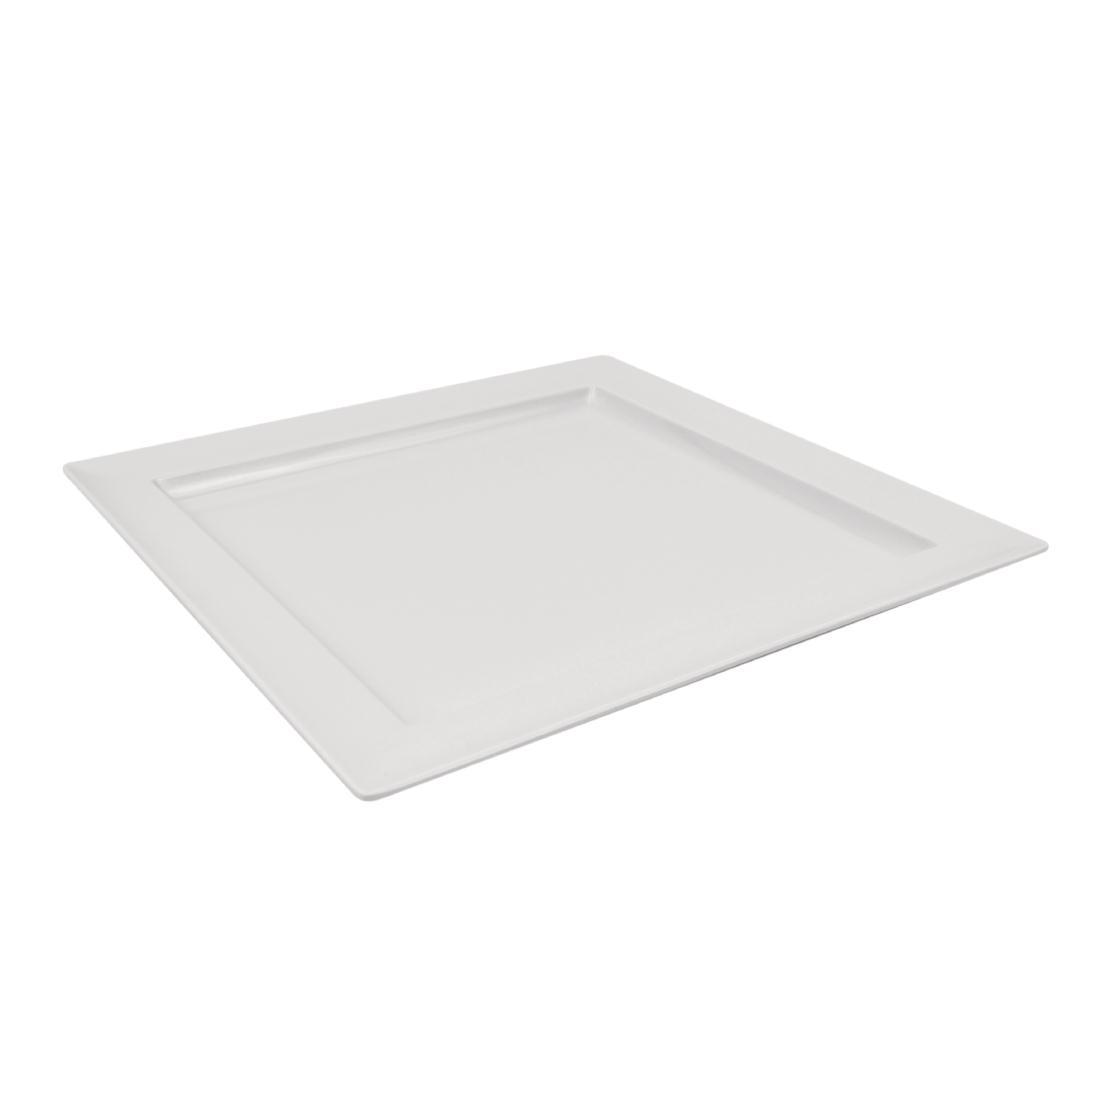 Plateau carré en mélamine Dalebrook blanc 375mm